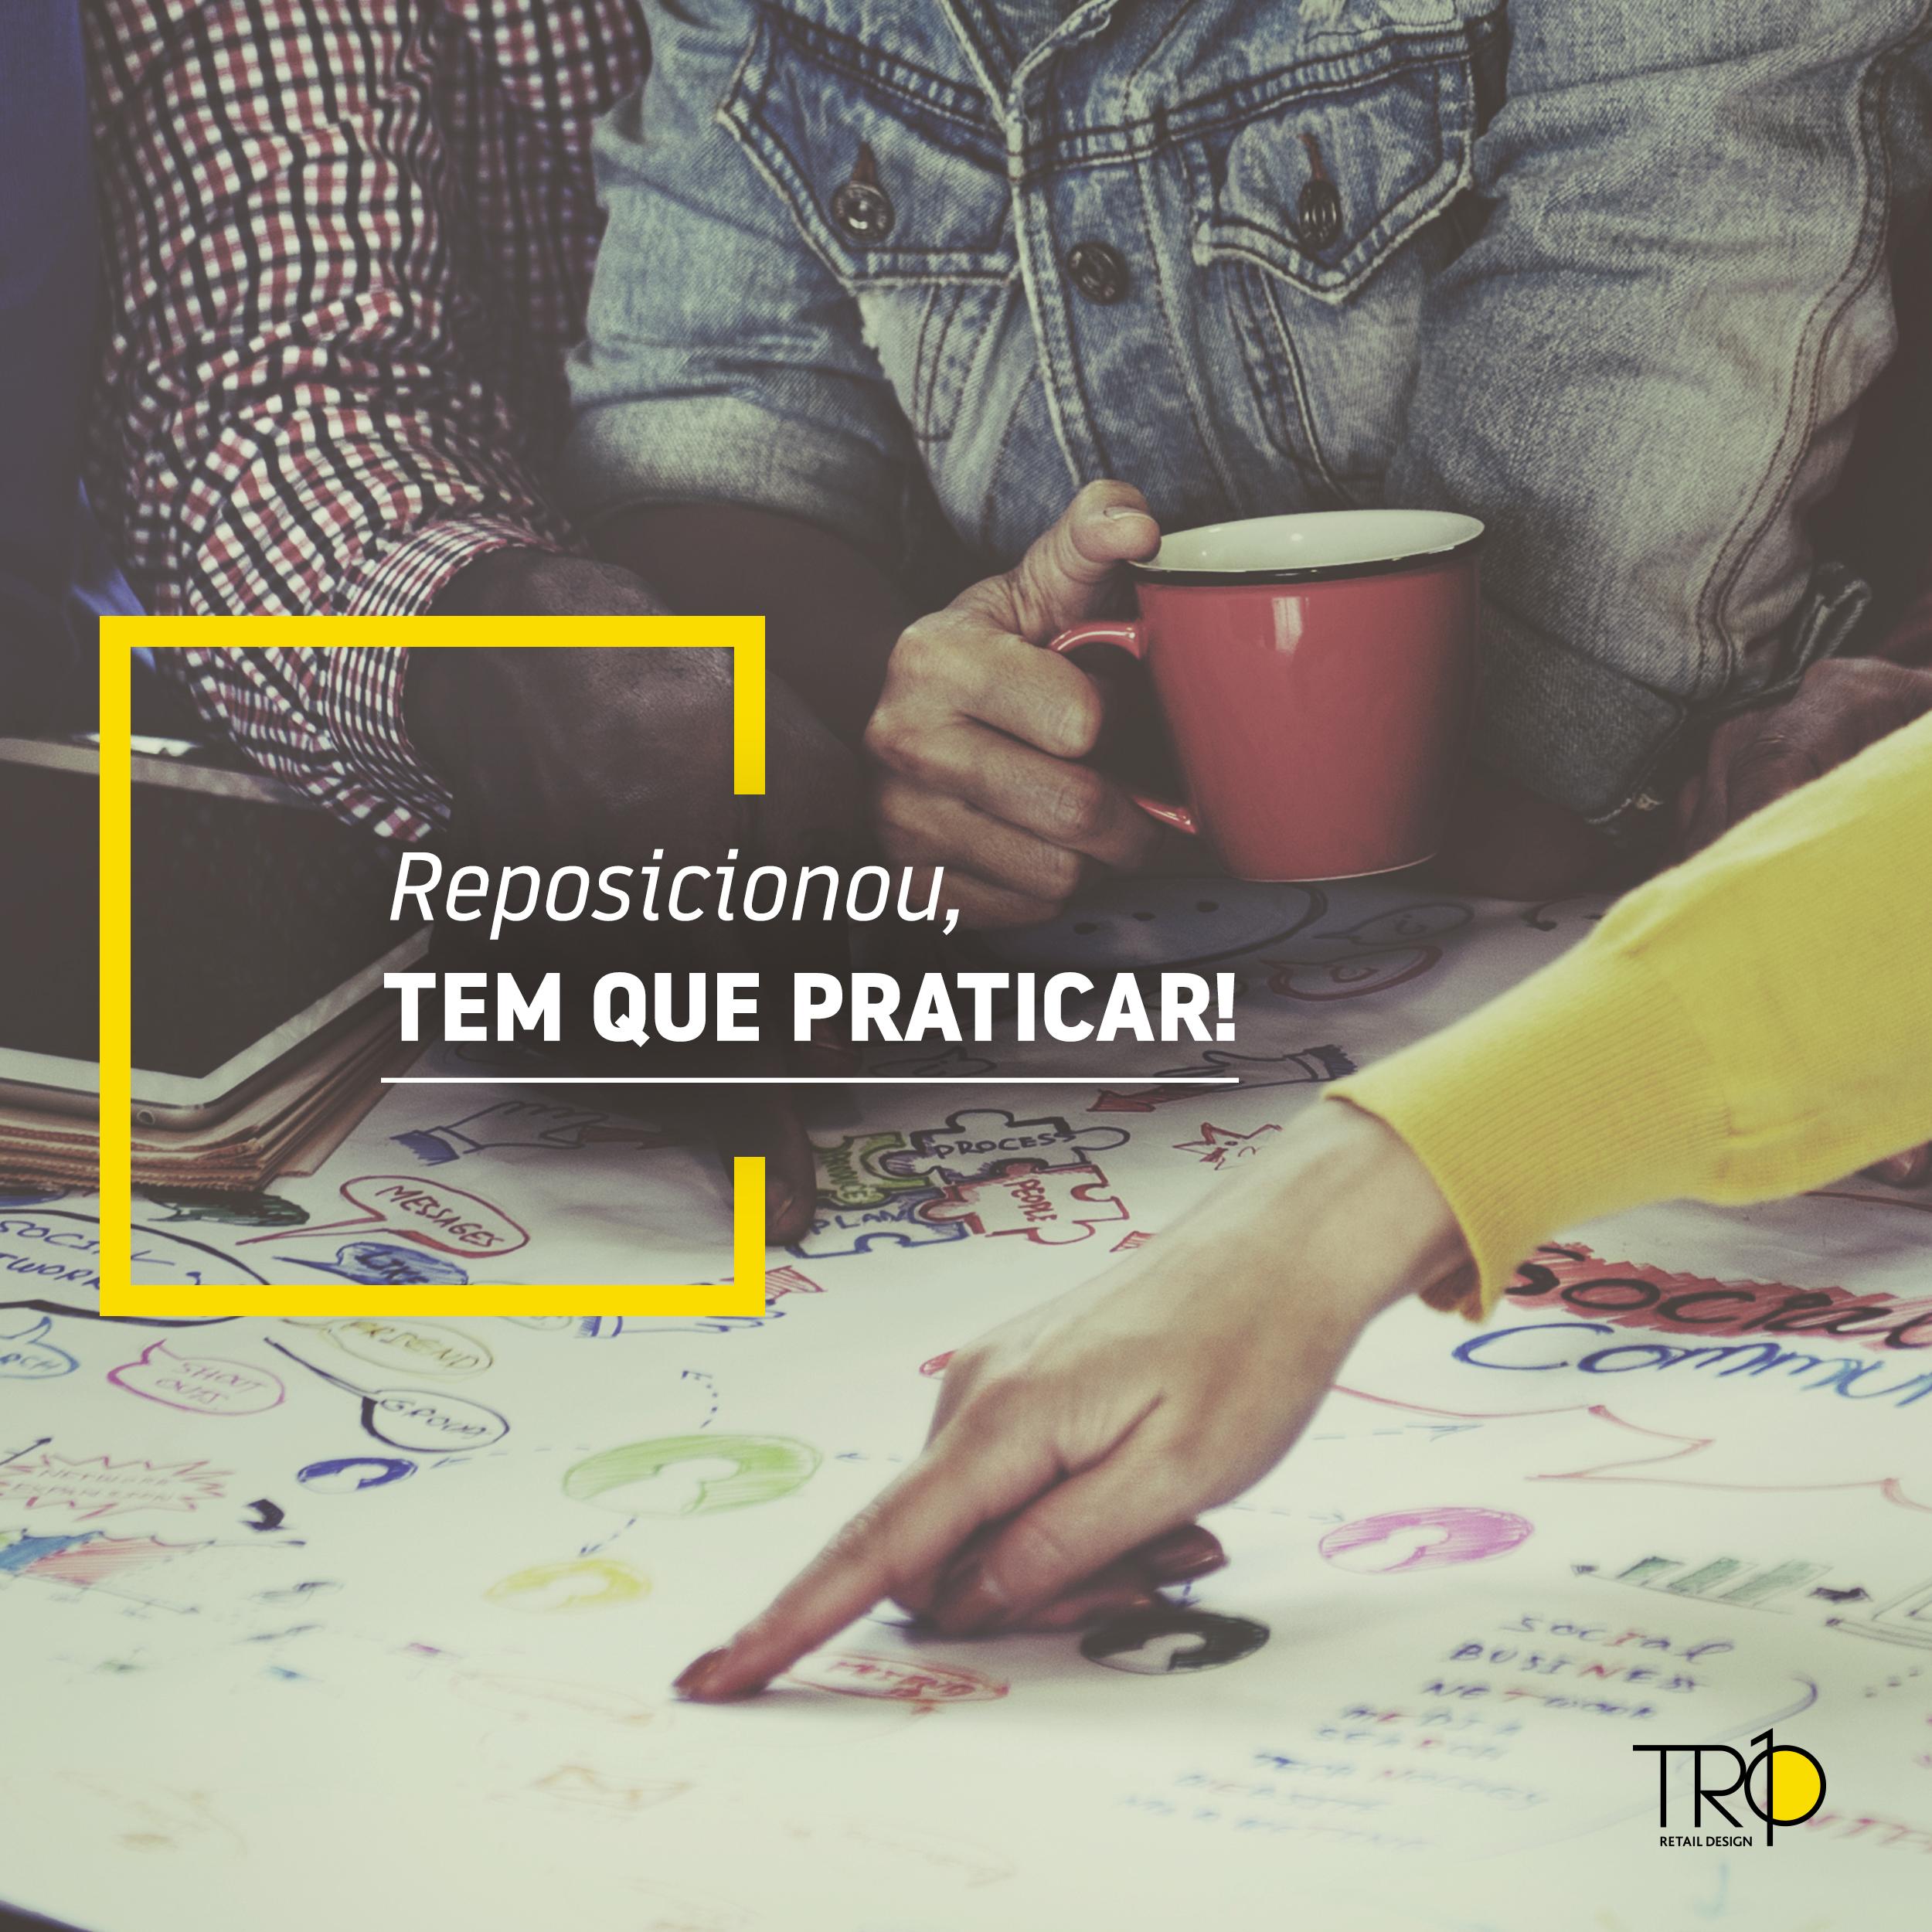 05-TR10-RedesSociais-Instagram&Facebook.jpg